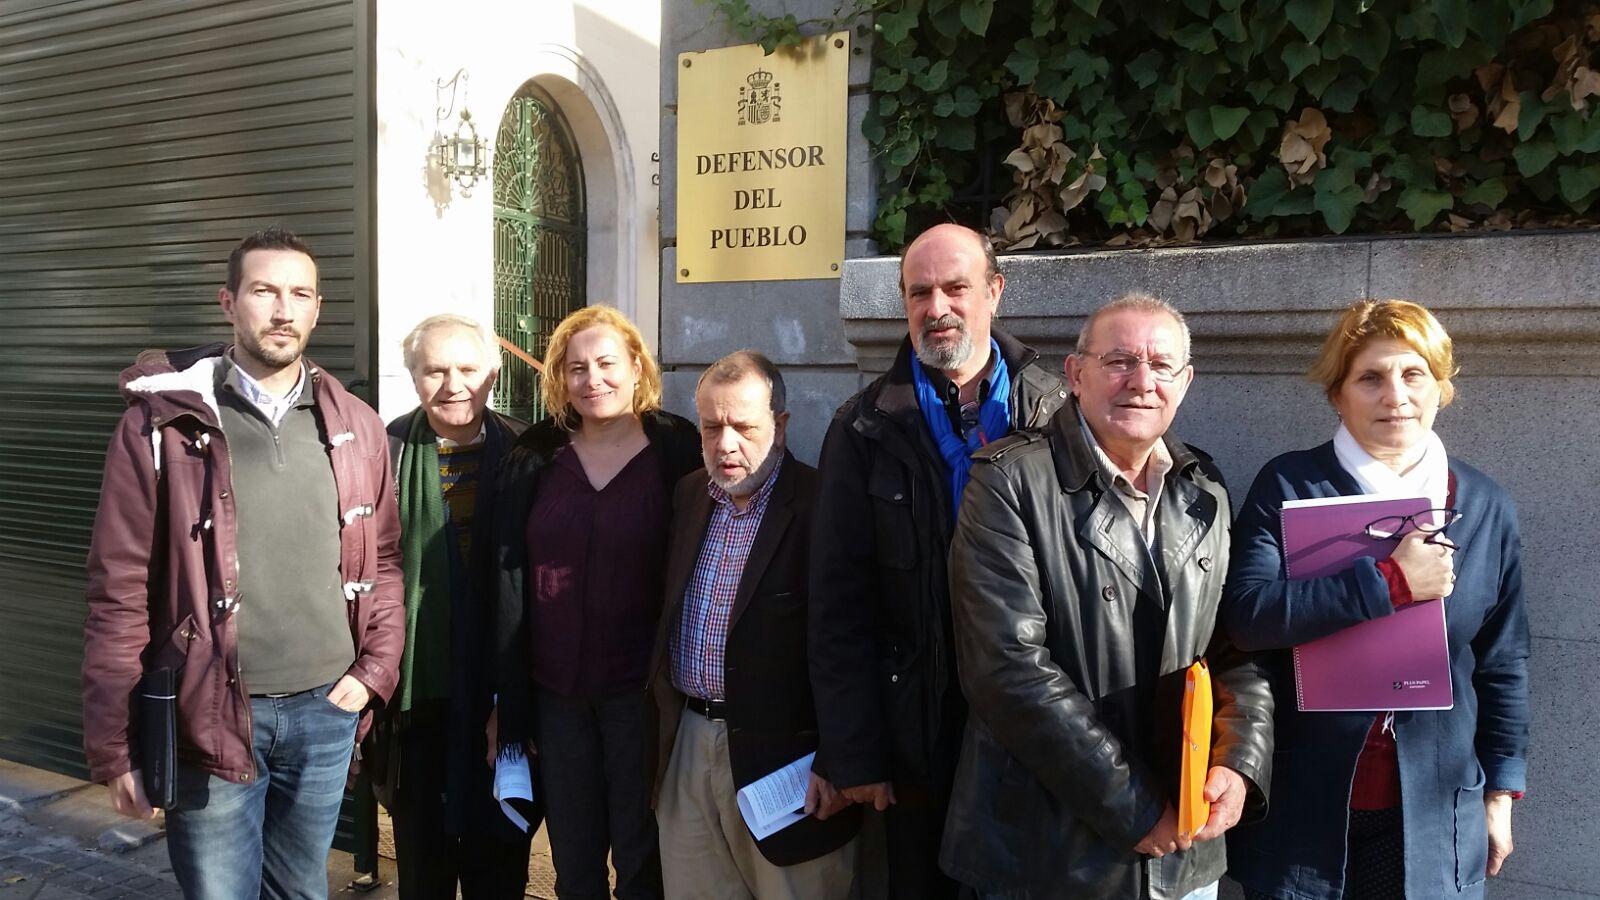 Representantes de las organizaciones impulsoras de nomascortesdeluz.org con miembros del equipo del Defensor del Pueblo.